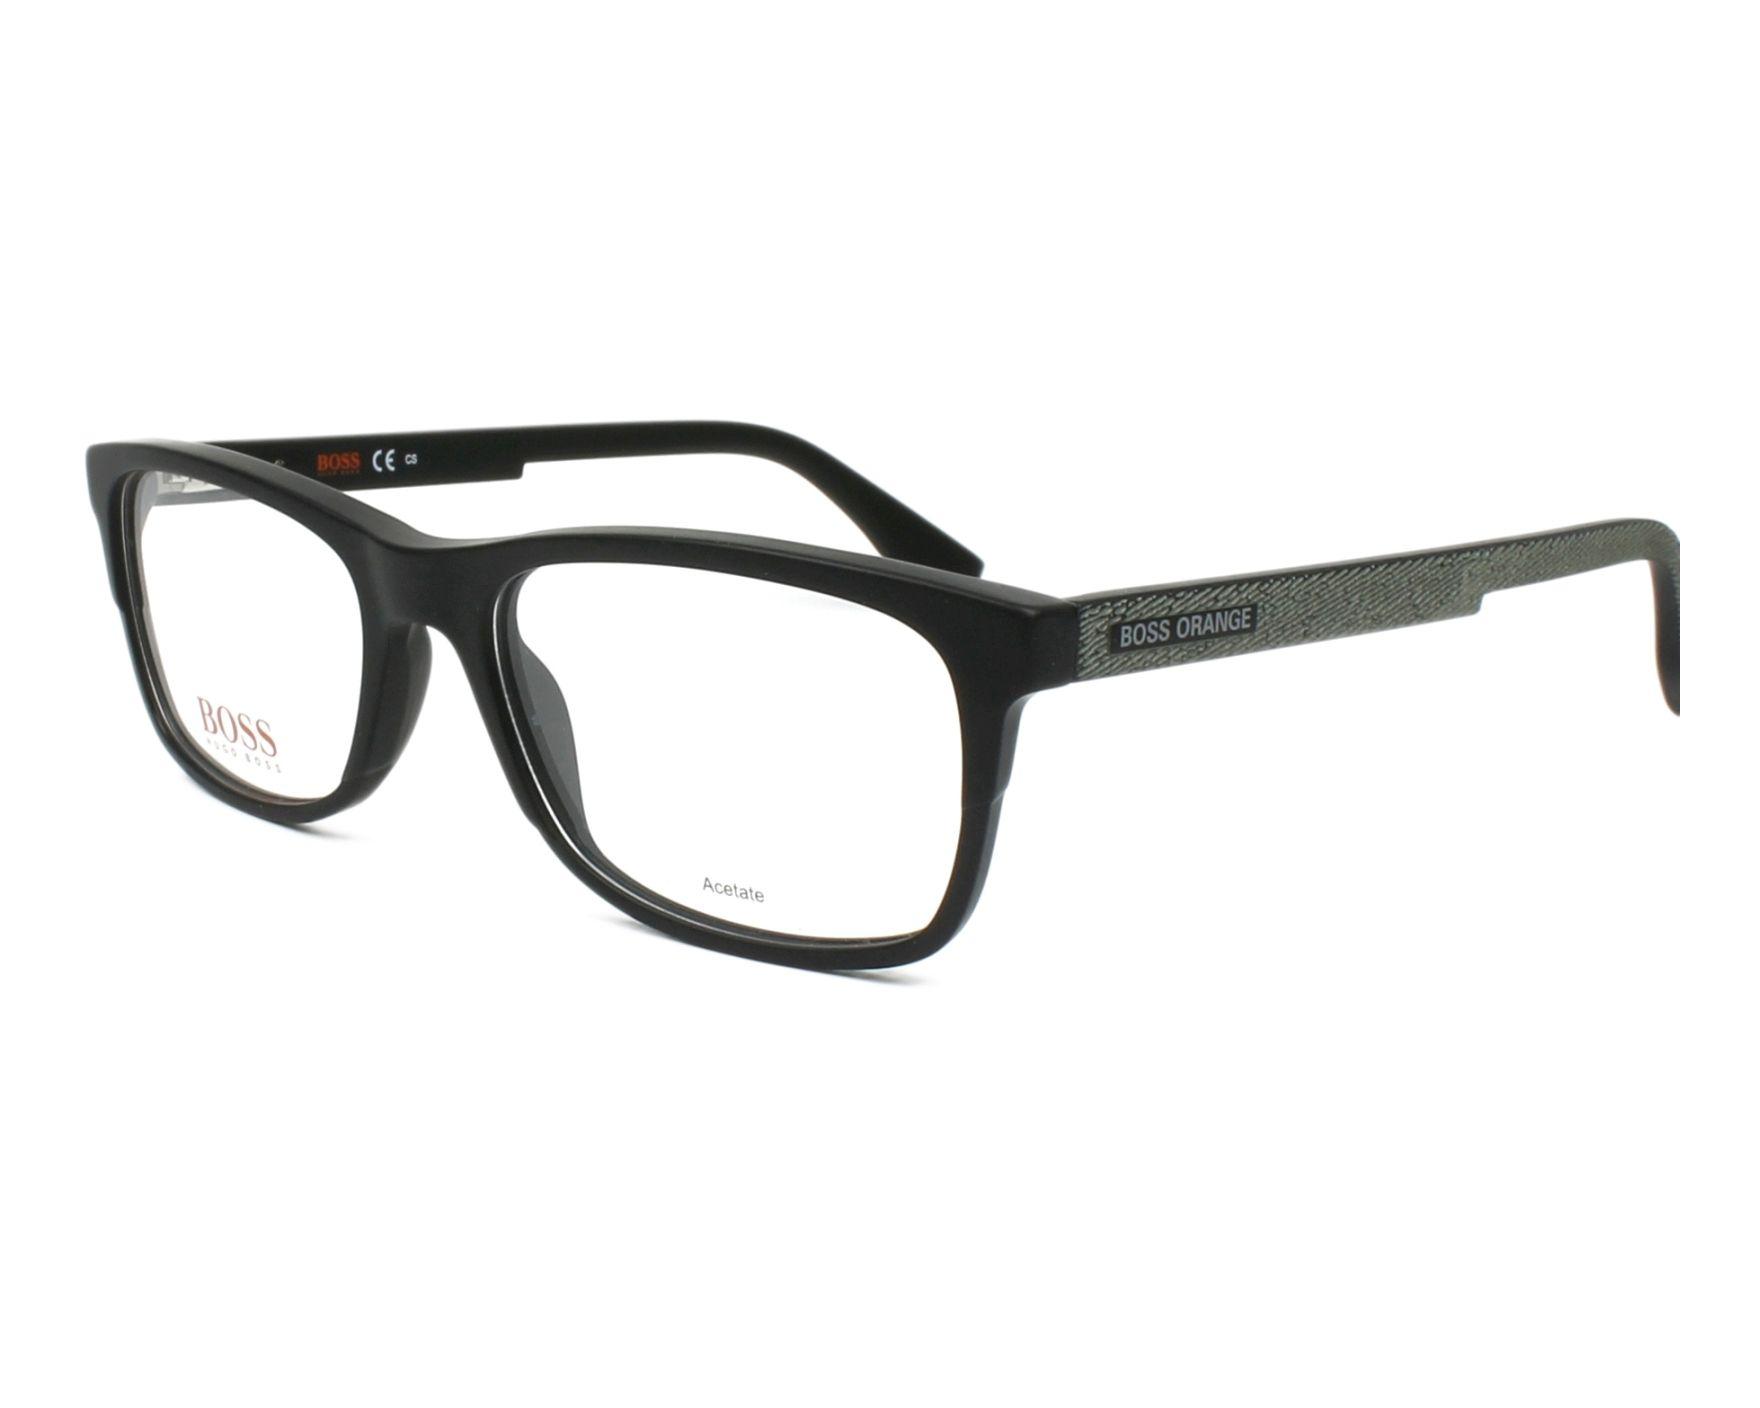 Boss Orange Eyeglasses Black BO-0292 807 - Visionet US